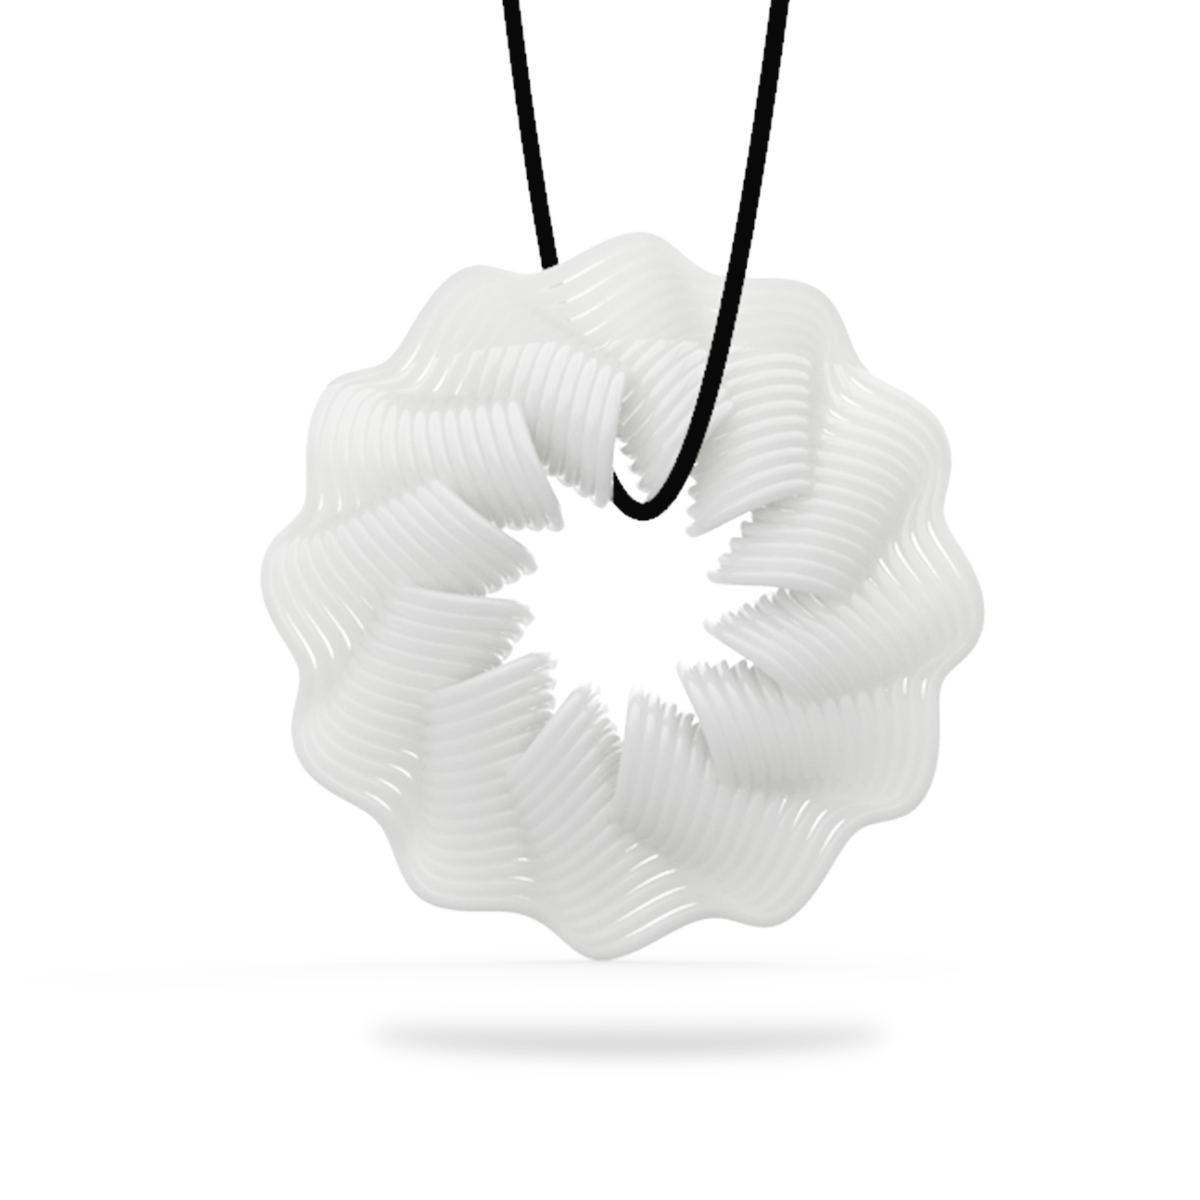 Tooarts Tomfeel 3D-tryckta smycken Rhythm Elegant Modeling Hänge - Heminredning - Foto 2